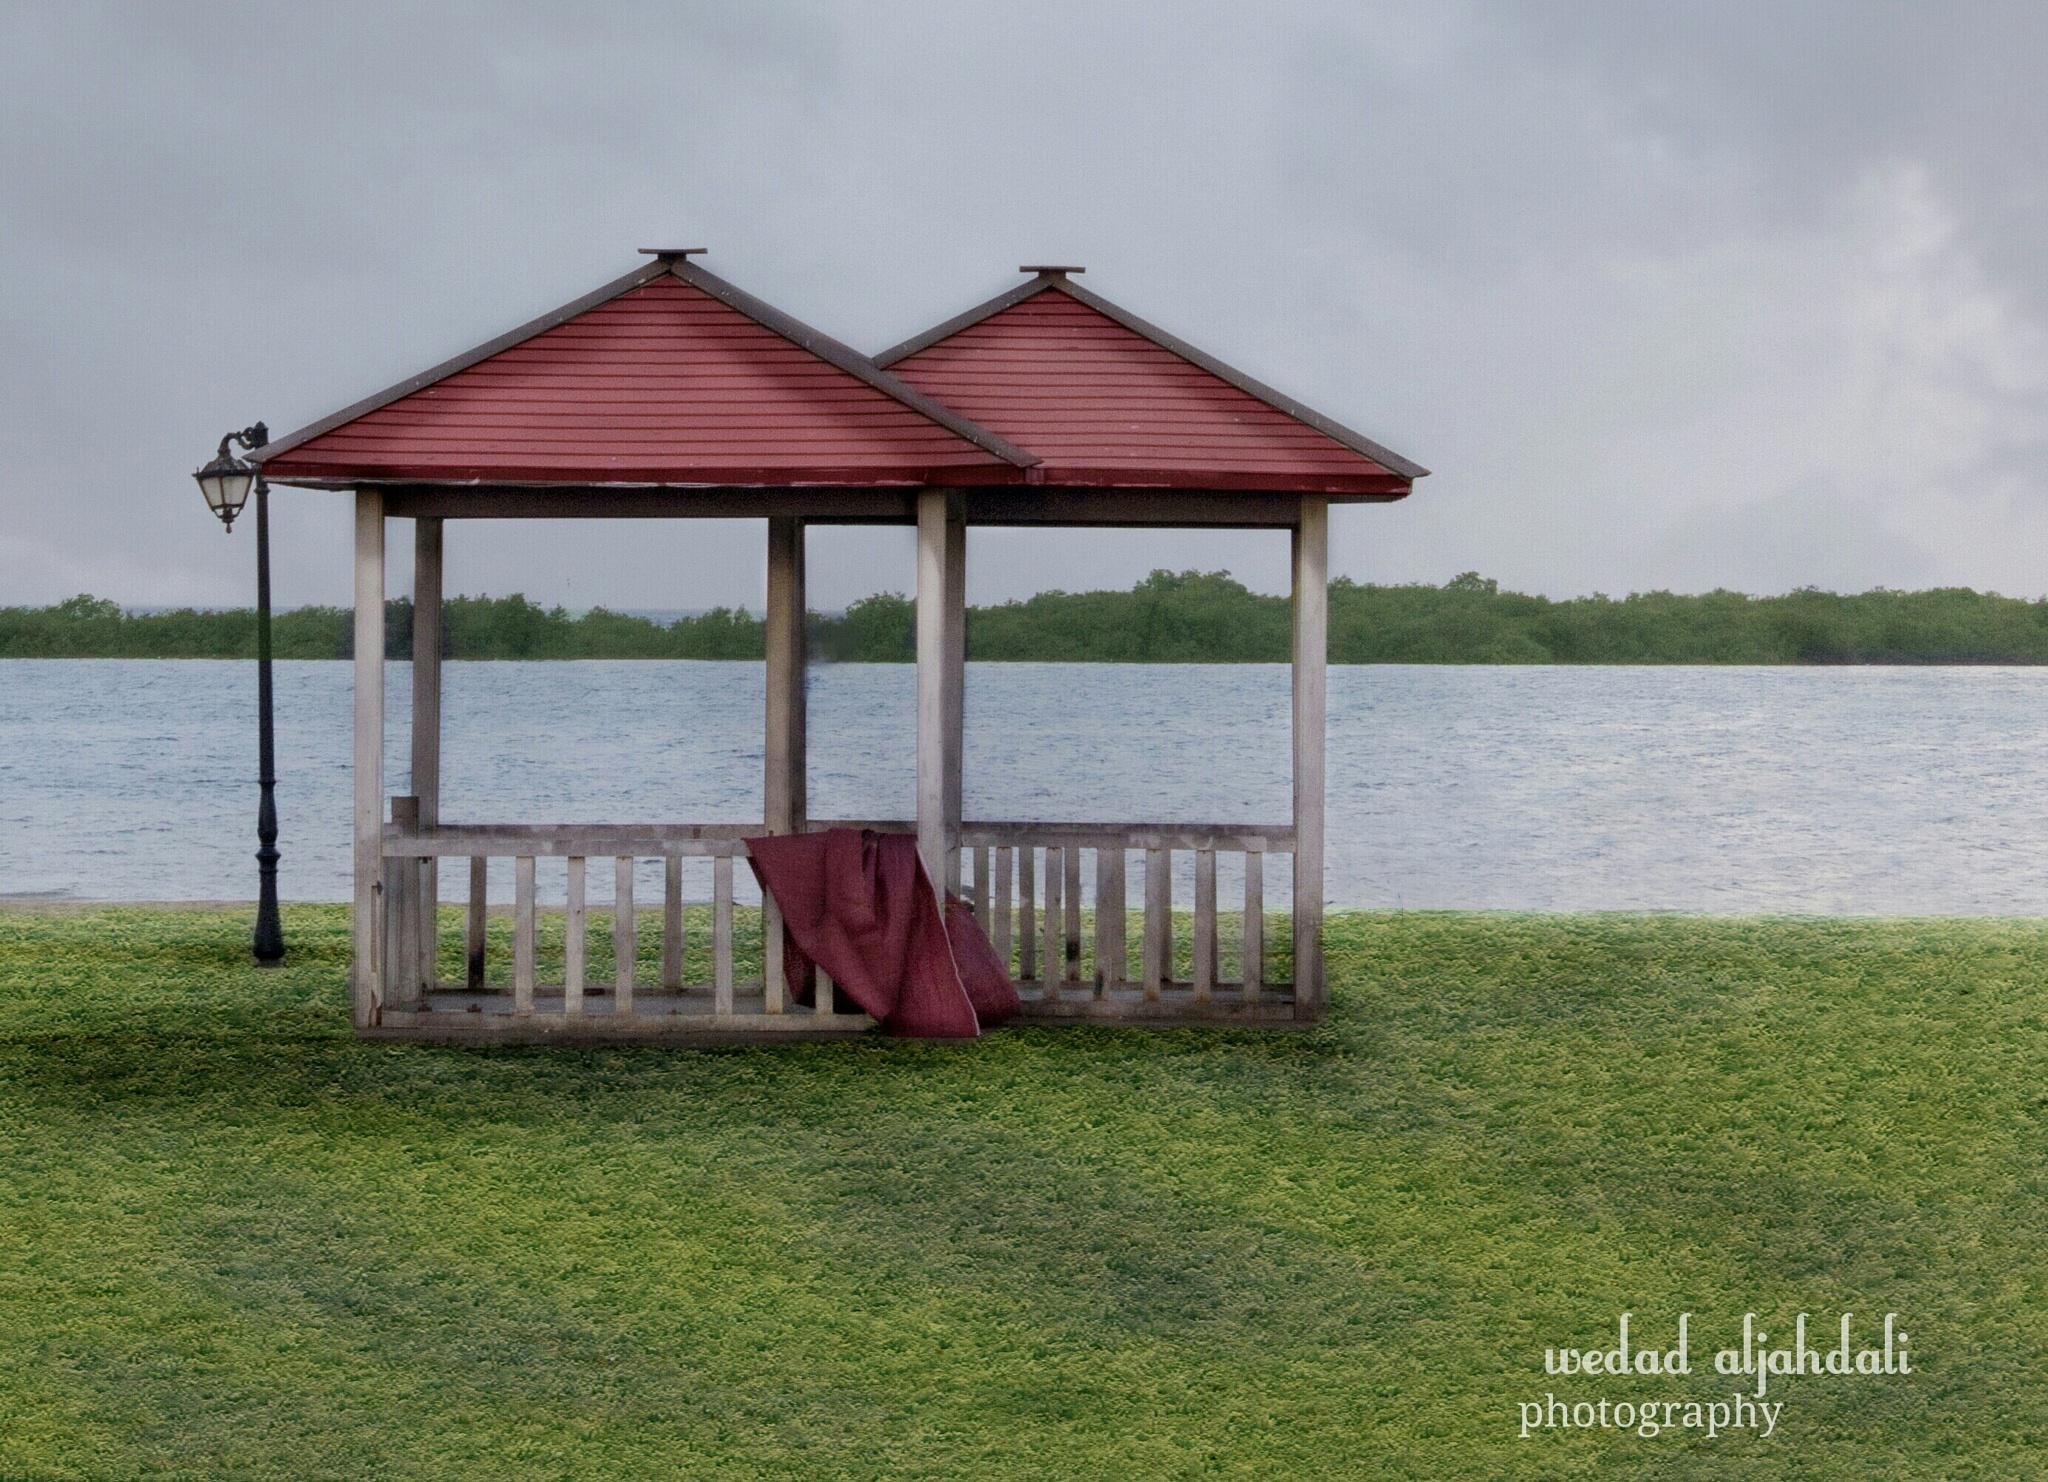 Untitled by Wedad AlJahdali